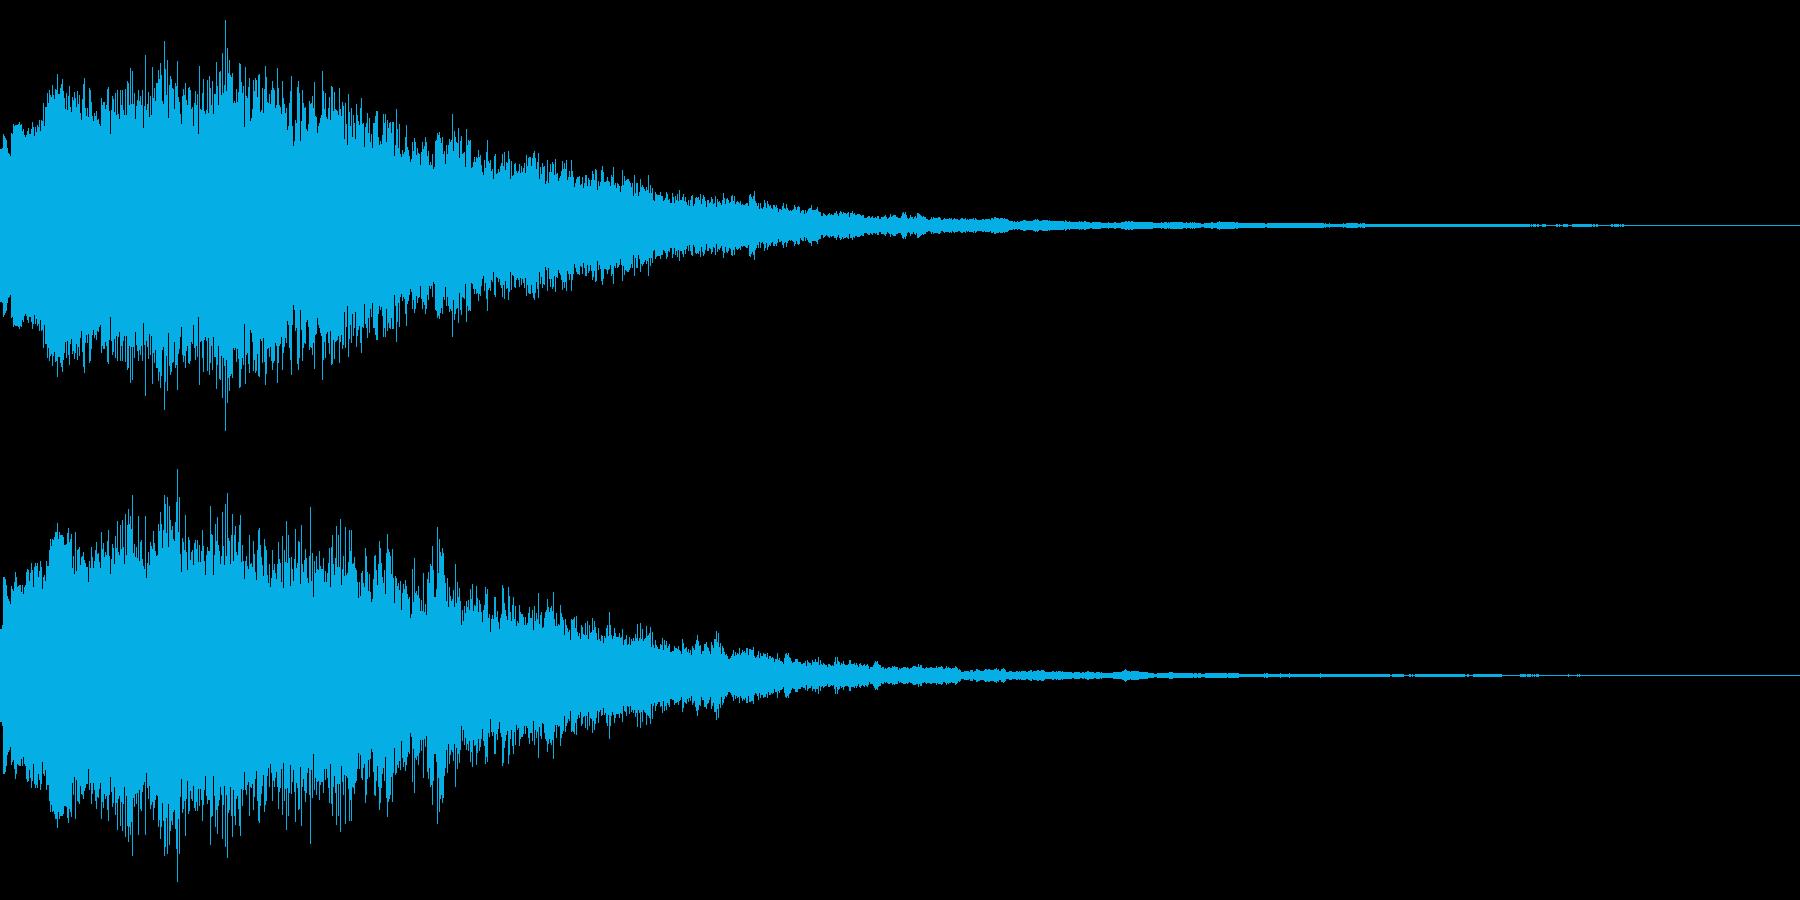 キラキラーン(魔法エフェクト発動)の再生済みの波形